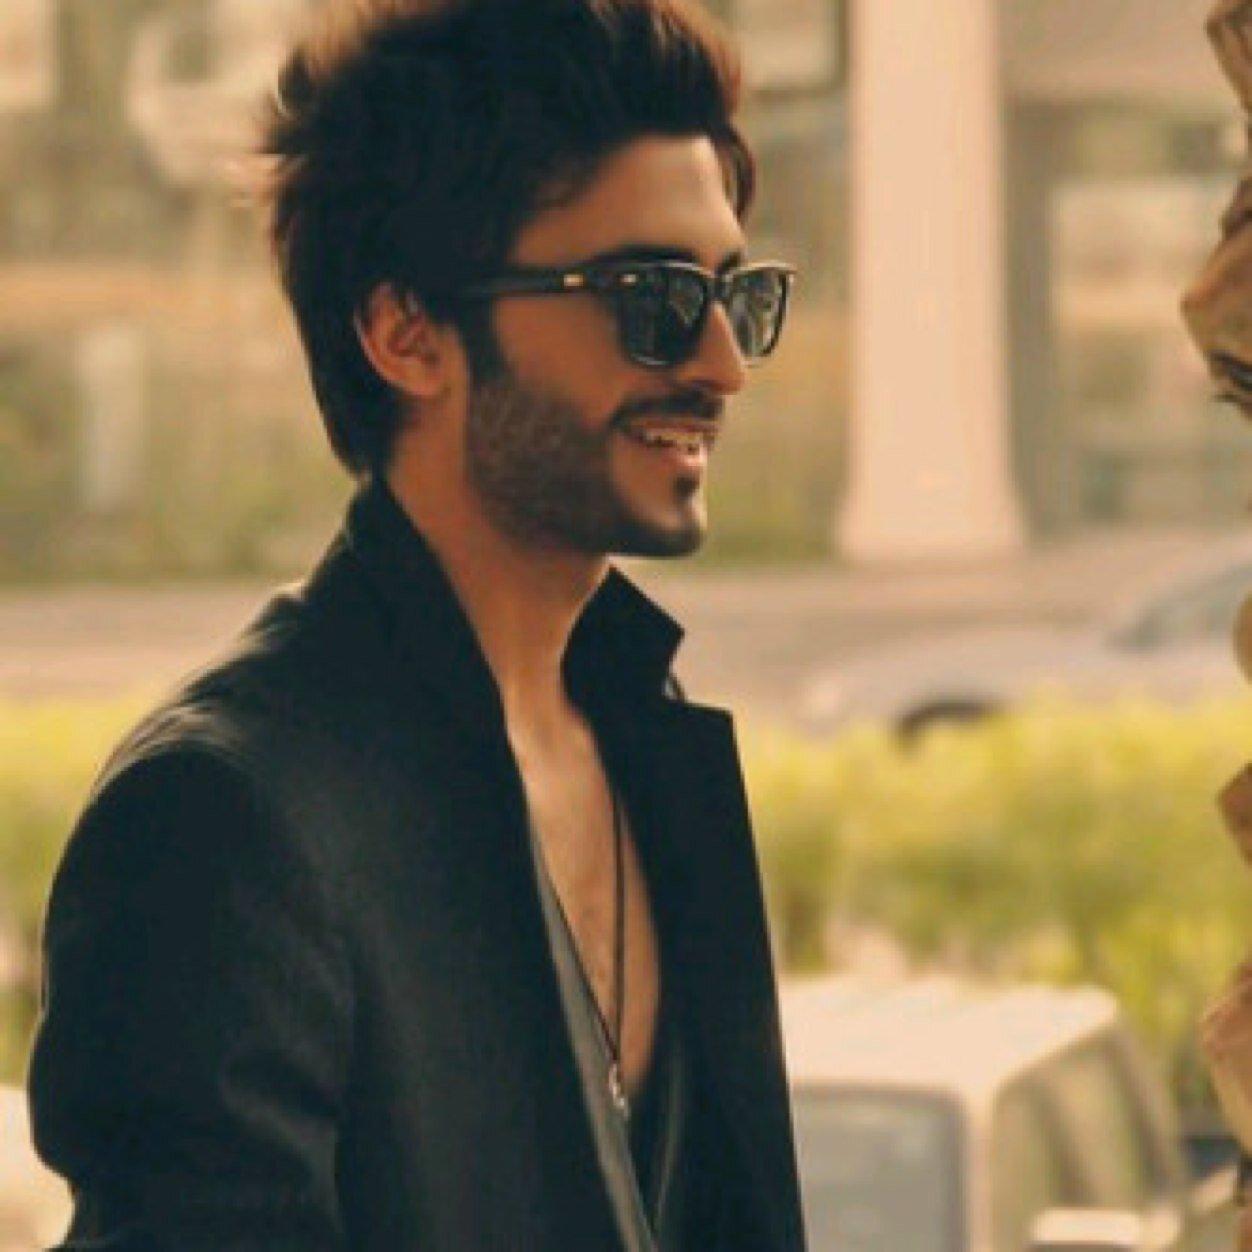 صورة صور شباب خليجيين , اجمل معلومات الشباب الخليجيين